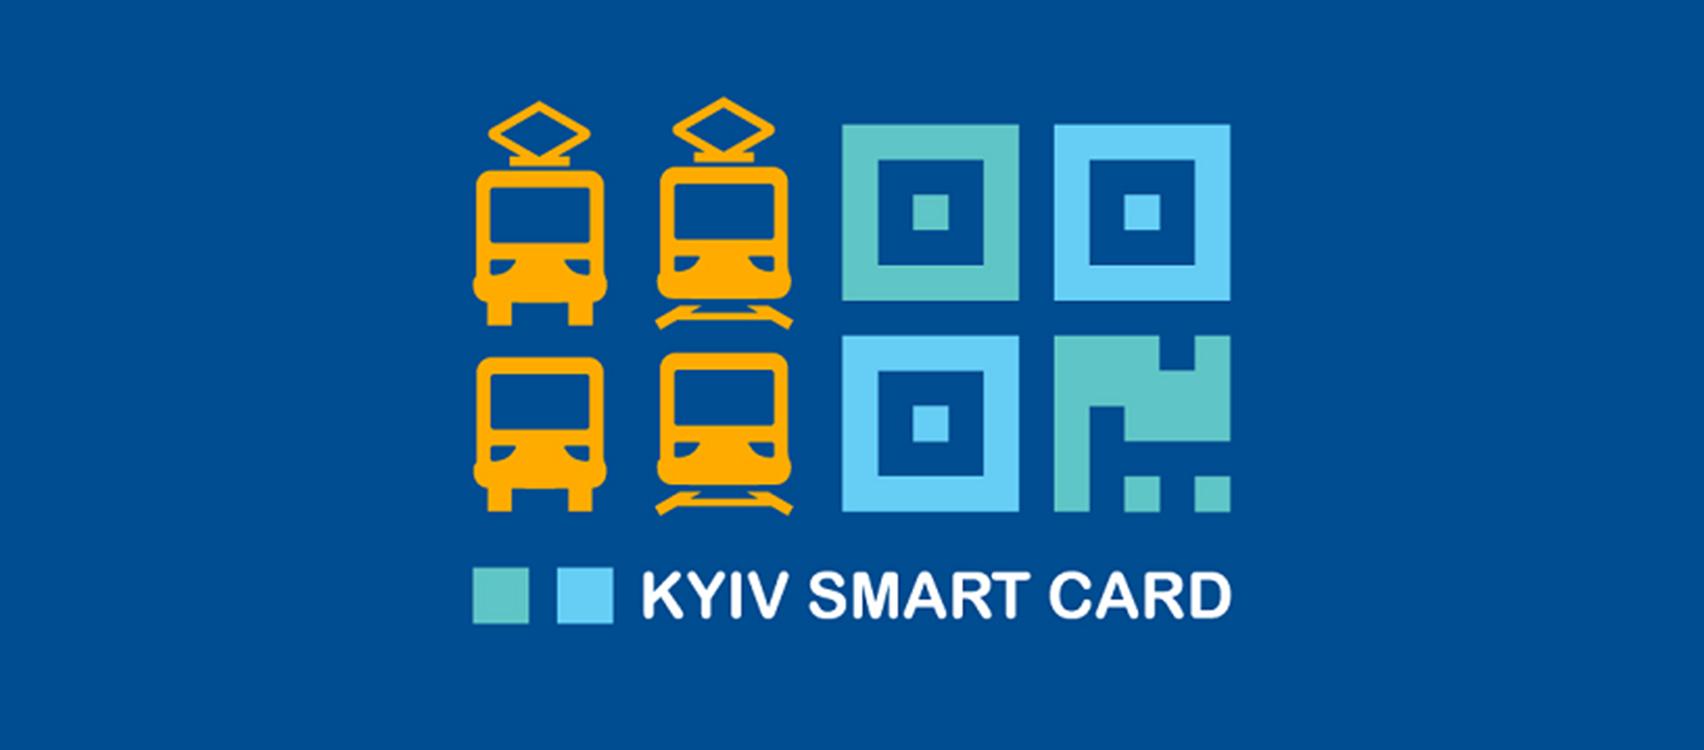 Транспортна картка  (купівля 20-29 квитків по 7.40 грн.)